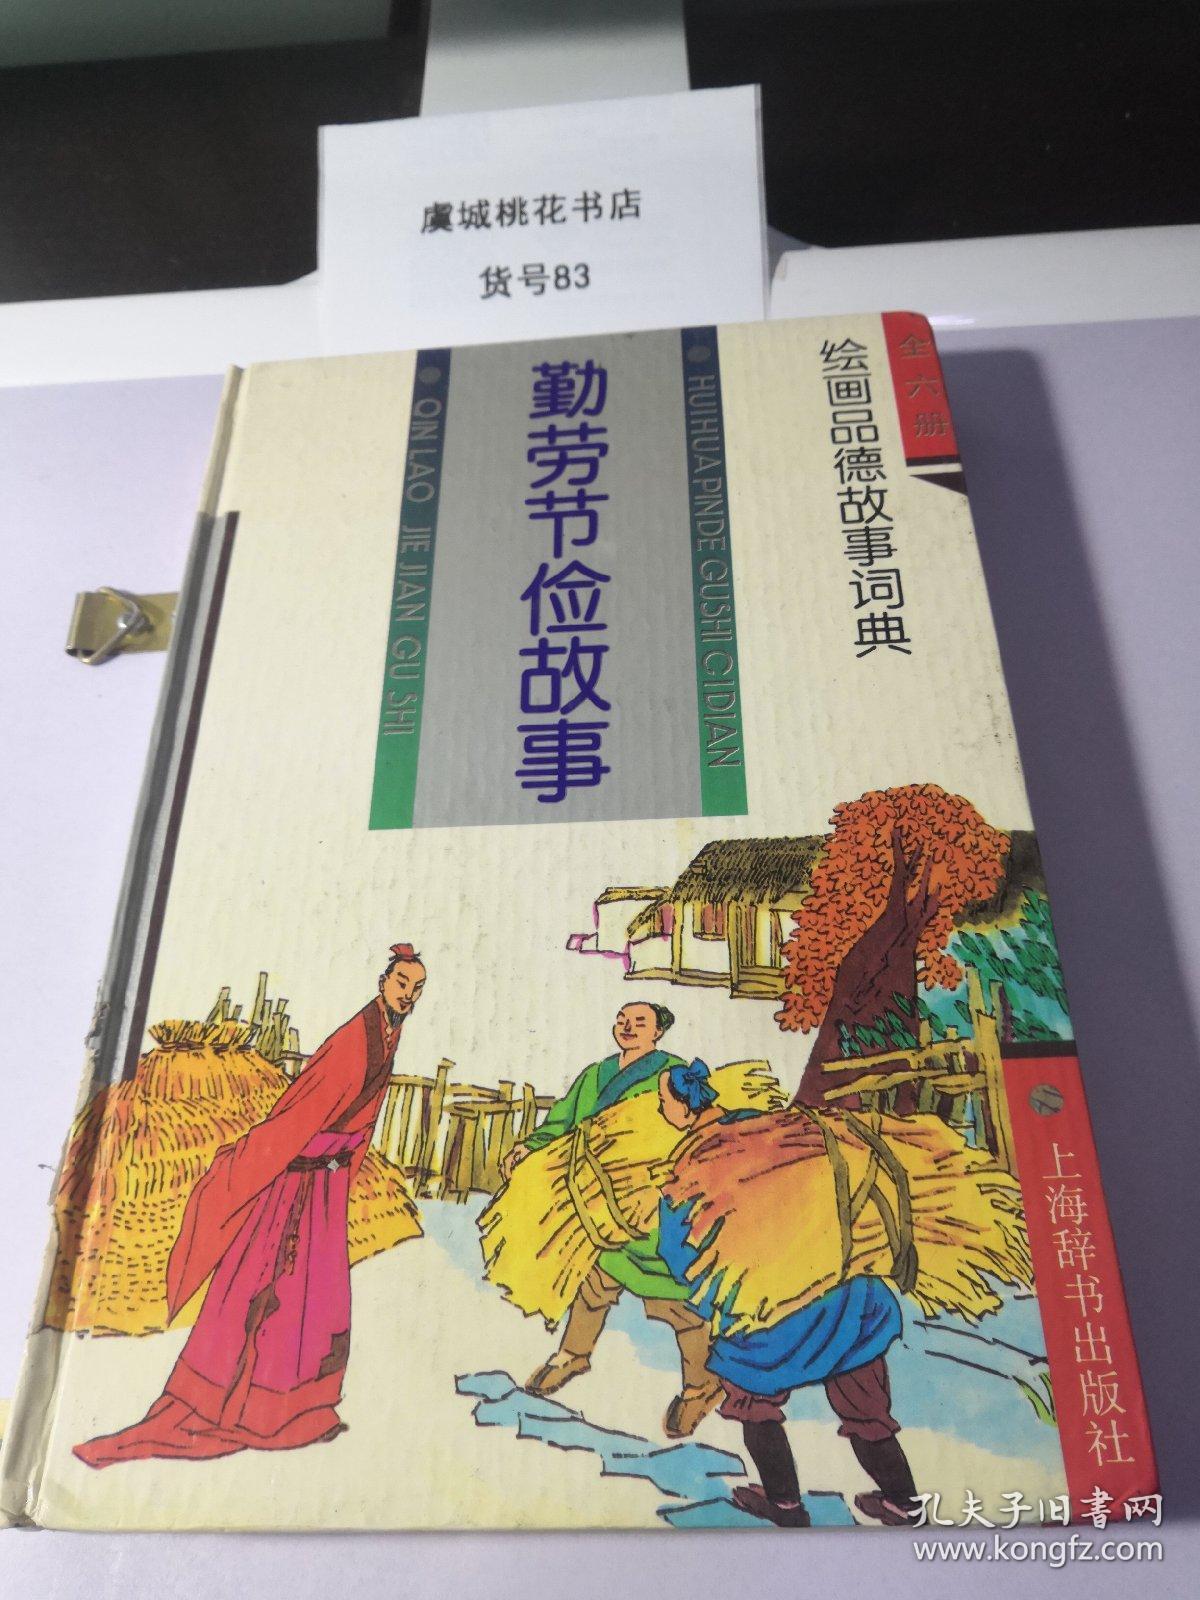 绘画品德故事词典 绘画【勤奋好学,遵纪守法,勤劳节俭图片